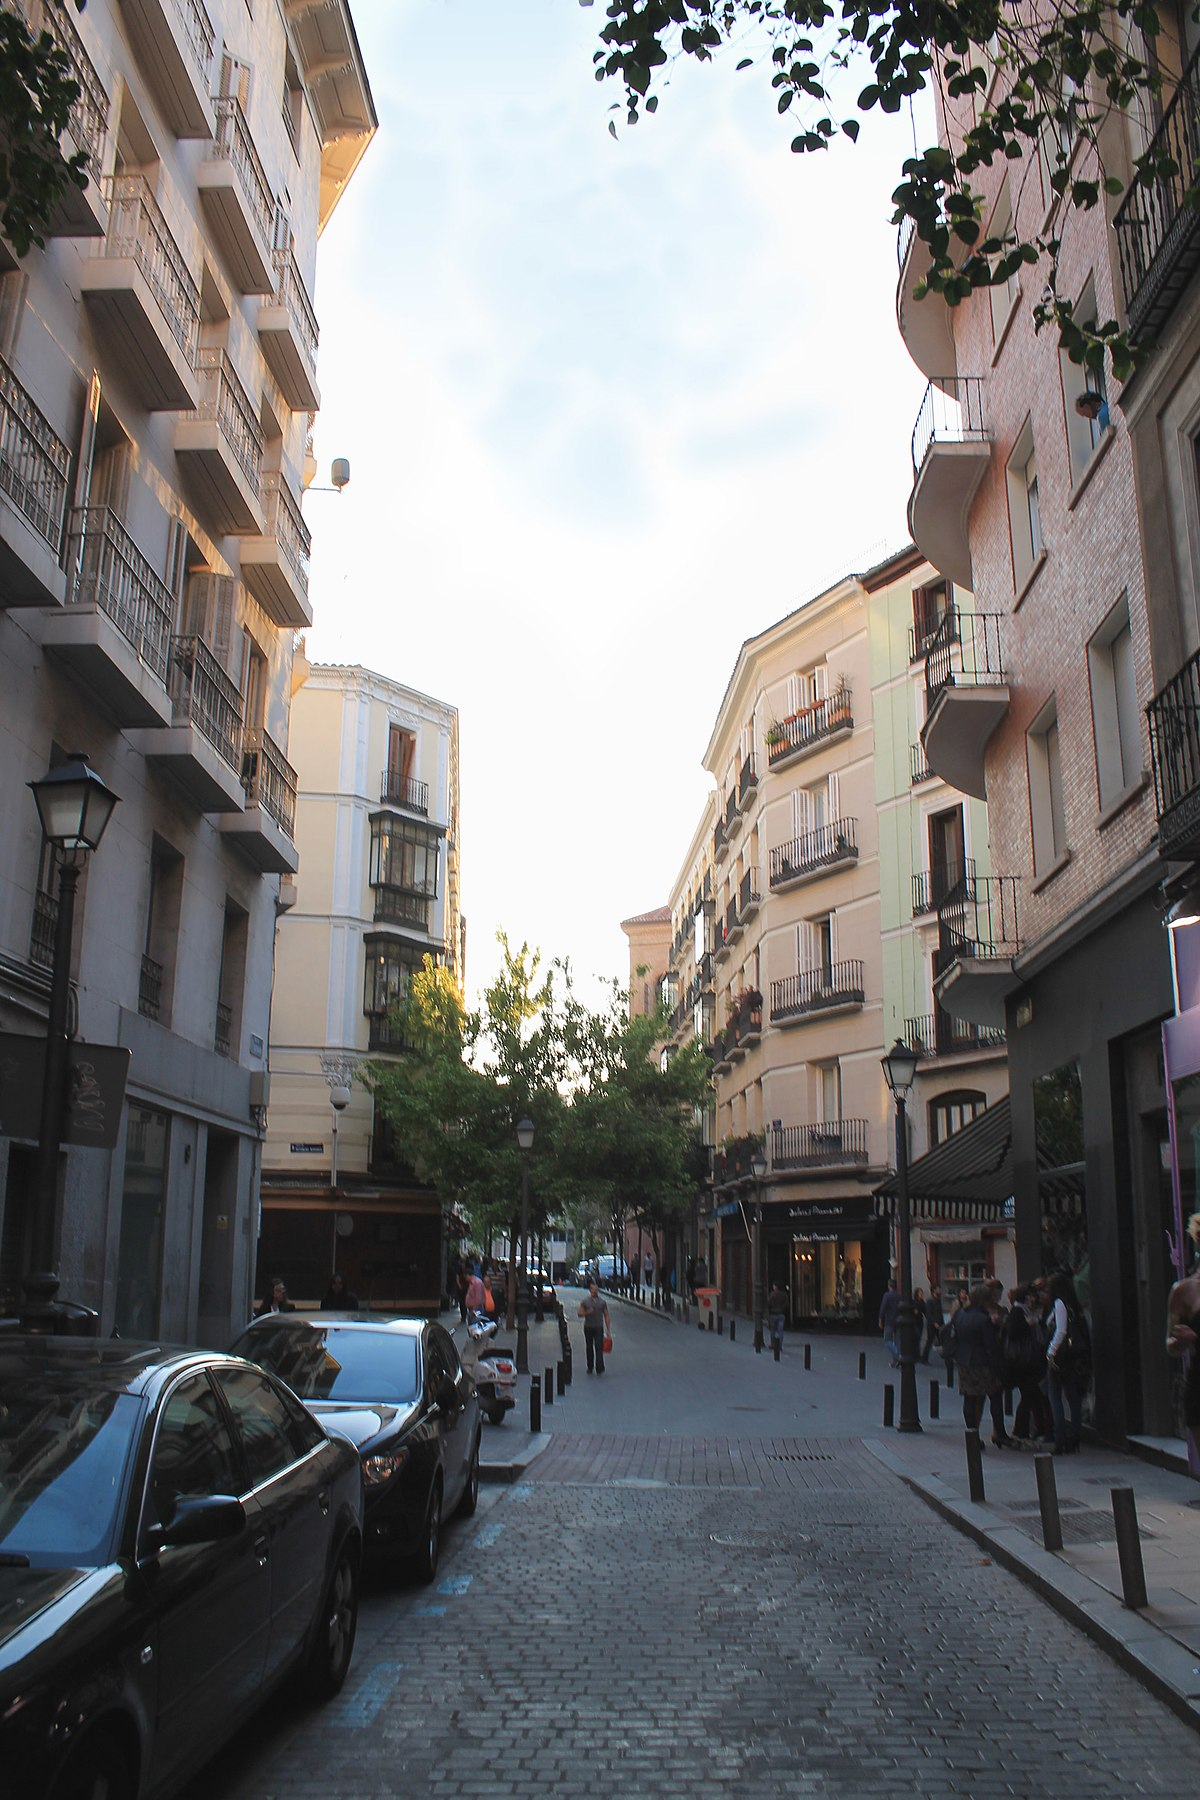 Calle 3 de santa ana moron - 1 part 6